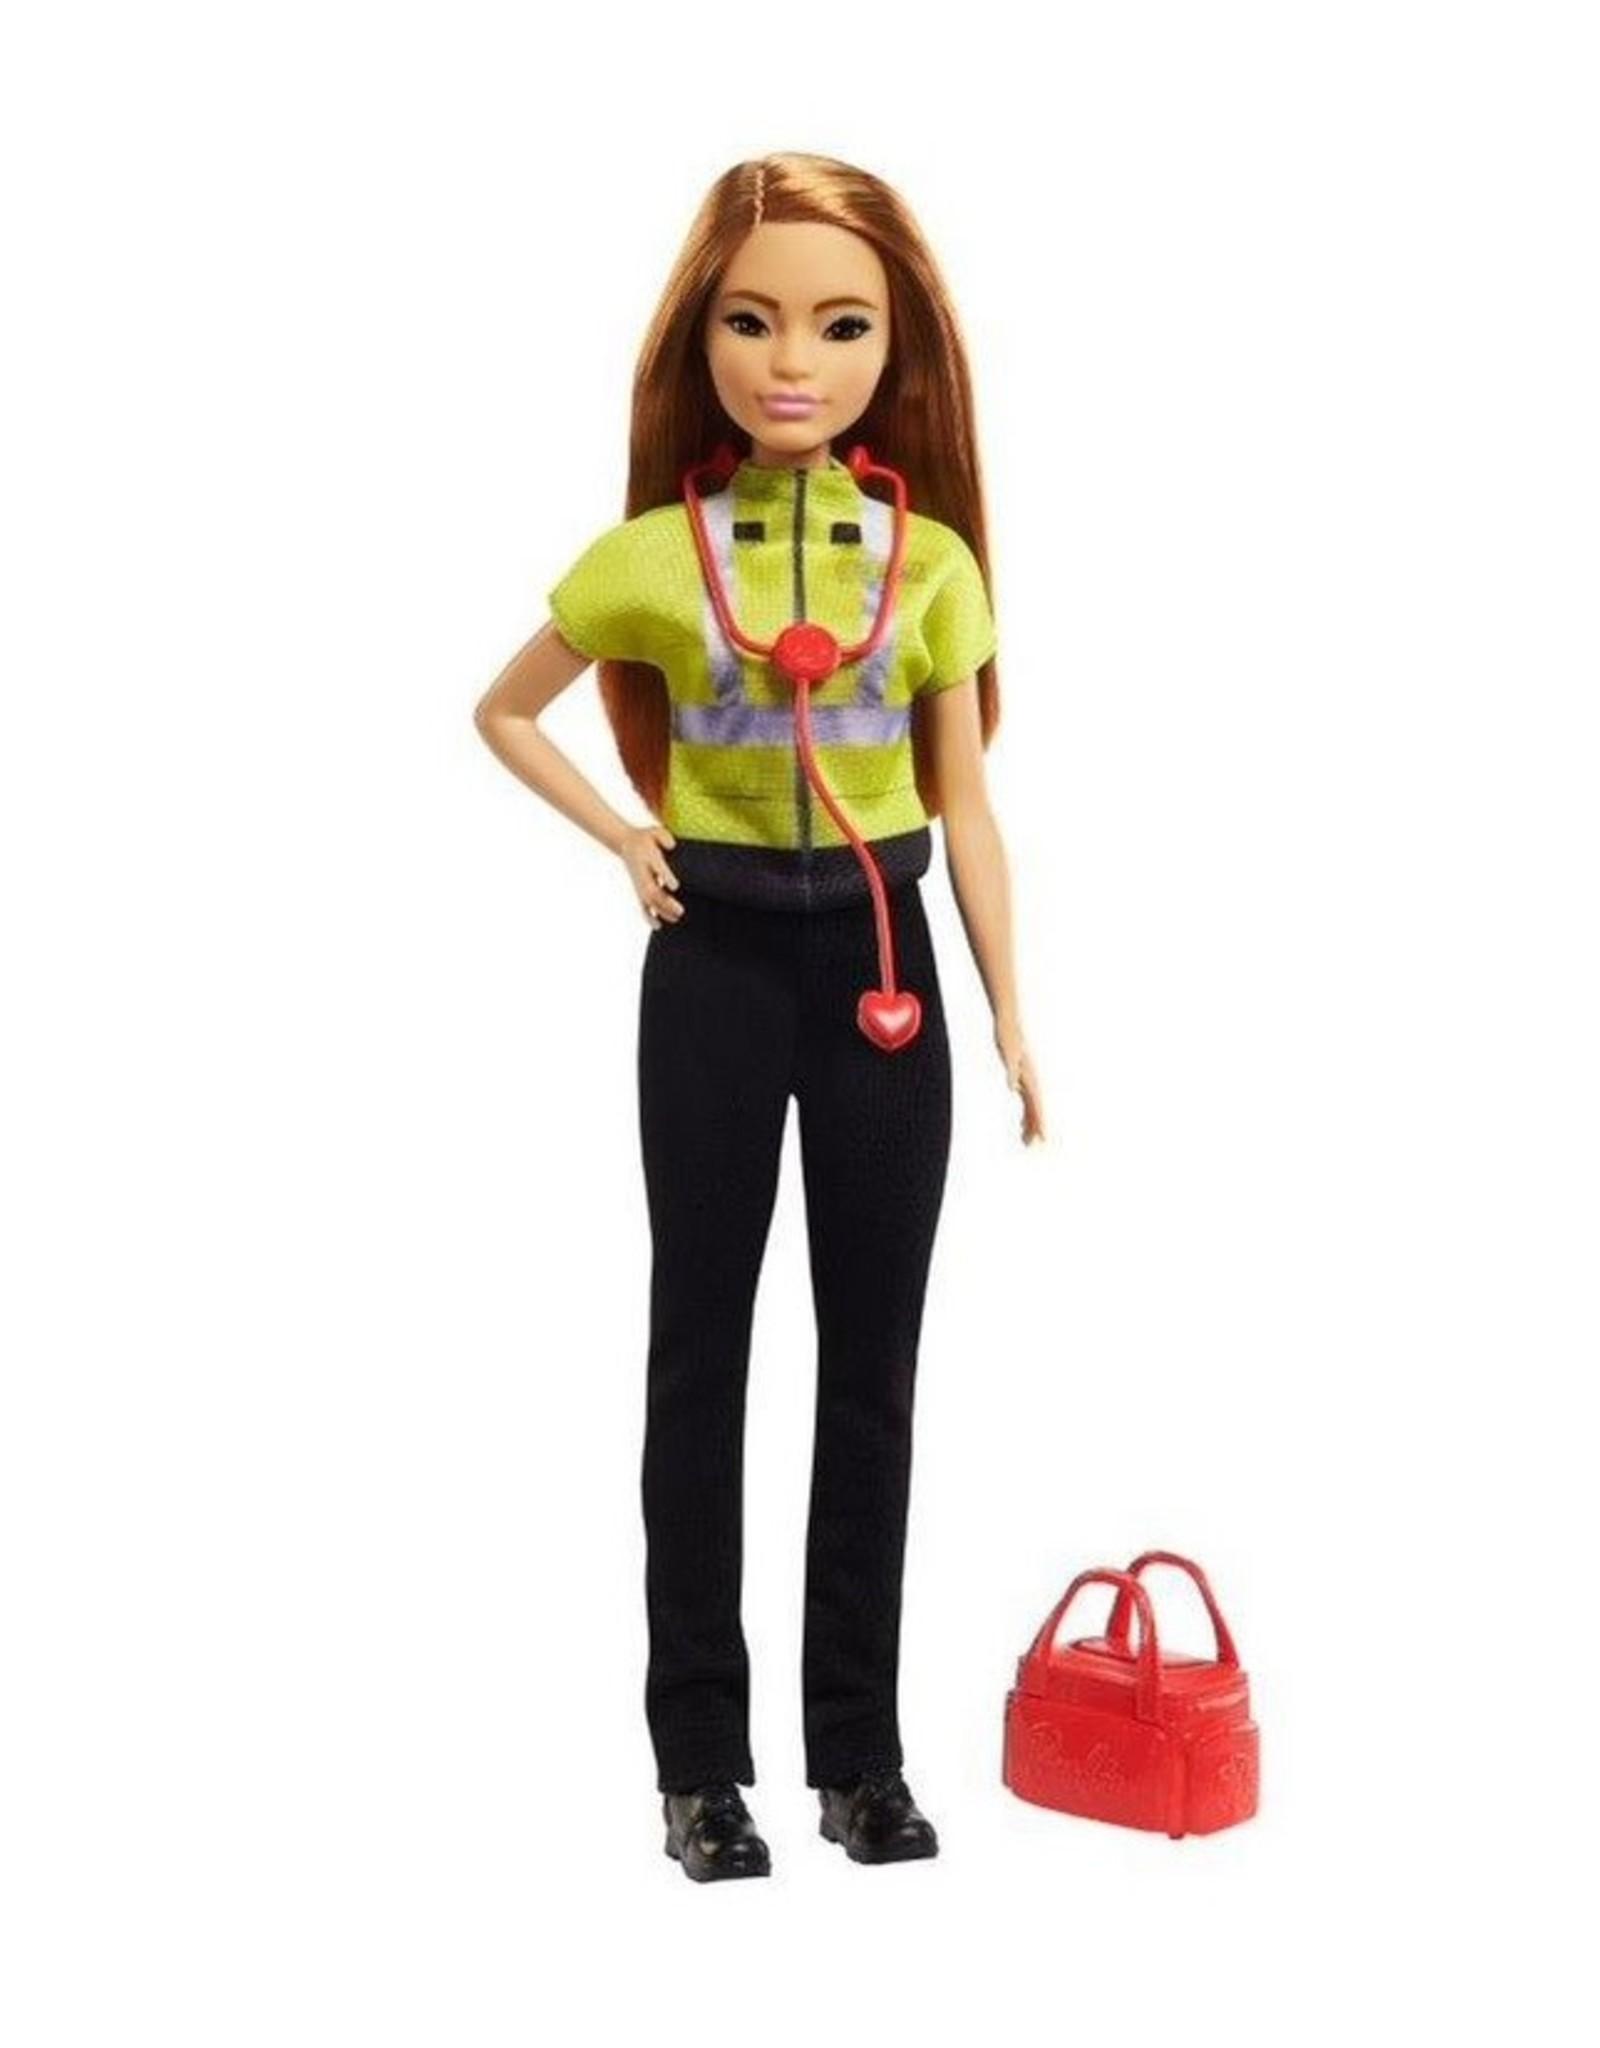 Mattel Barbie Careers: Paramedic